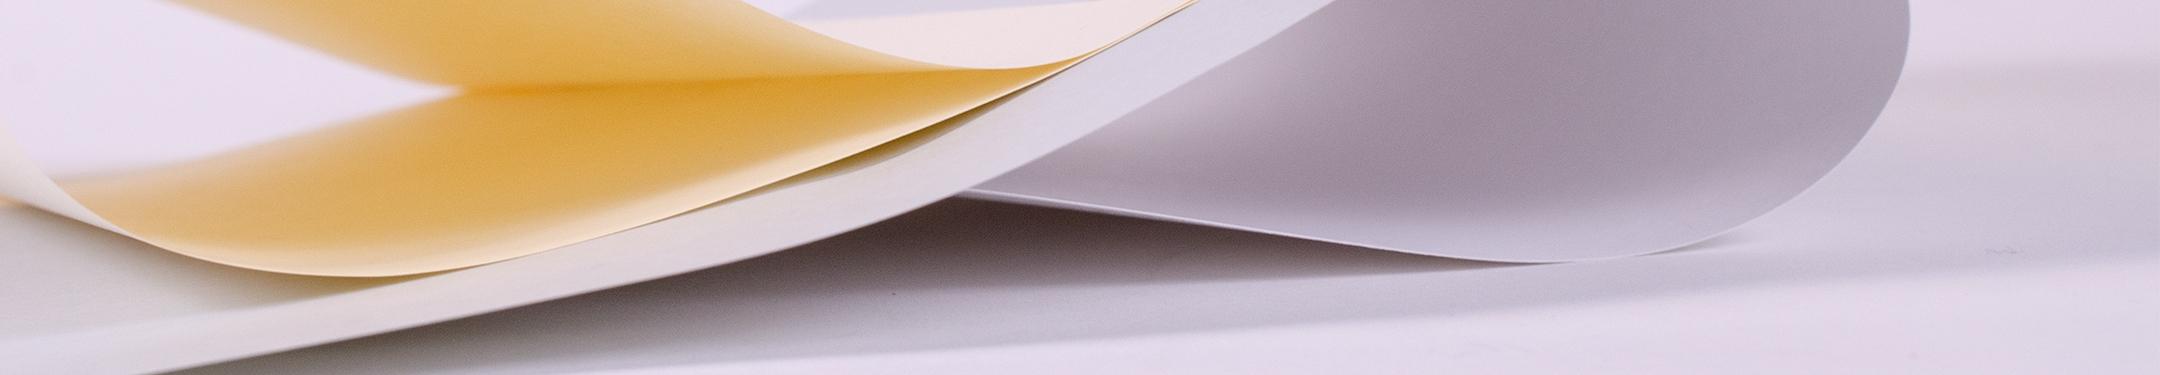 Basis Linen